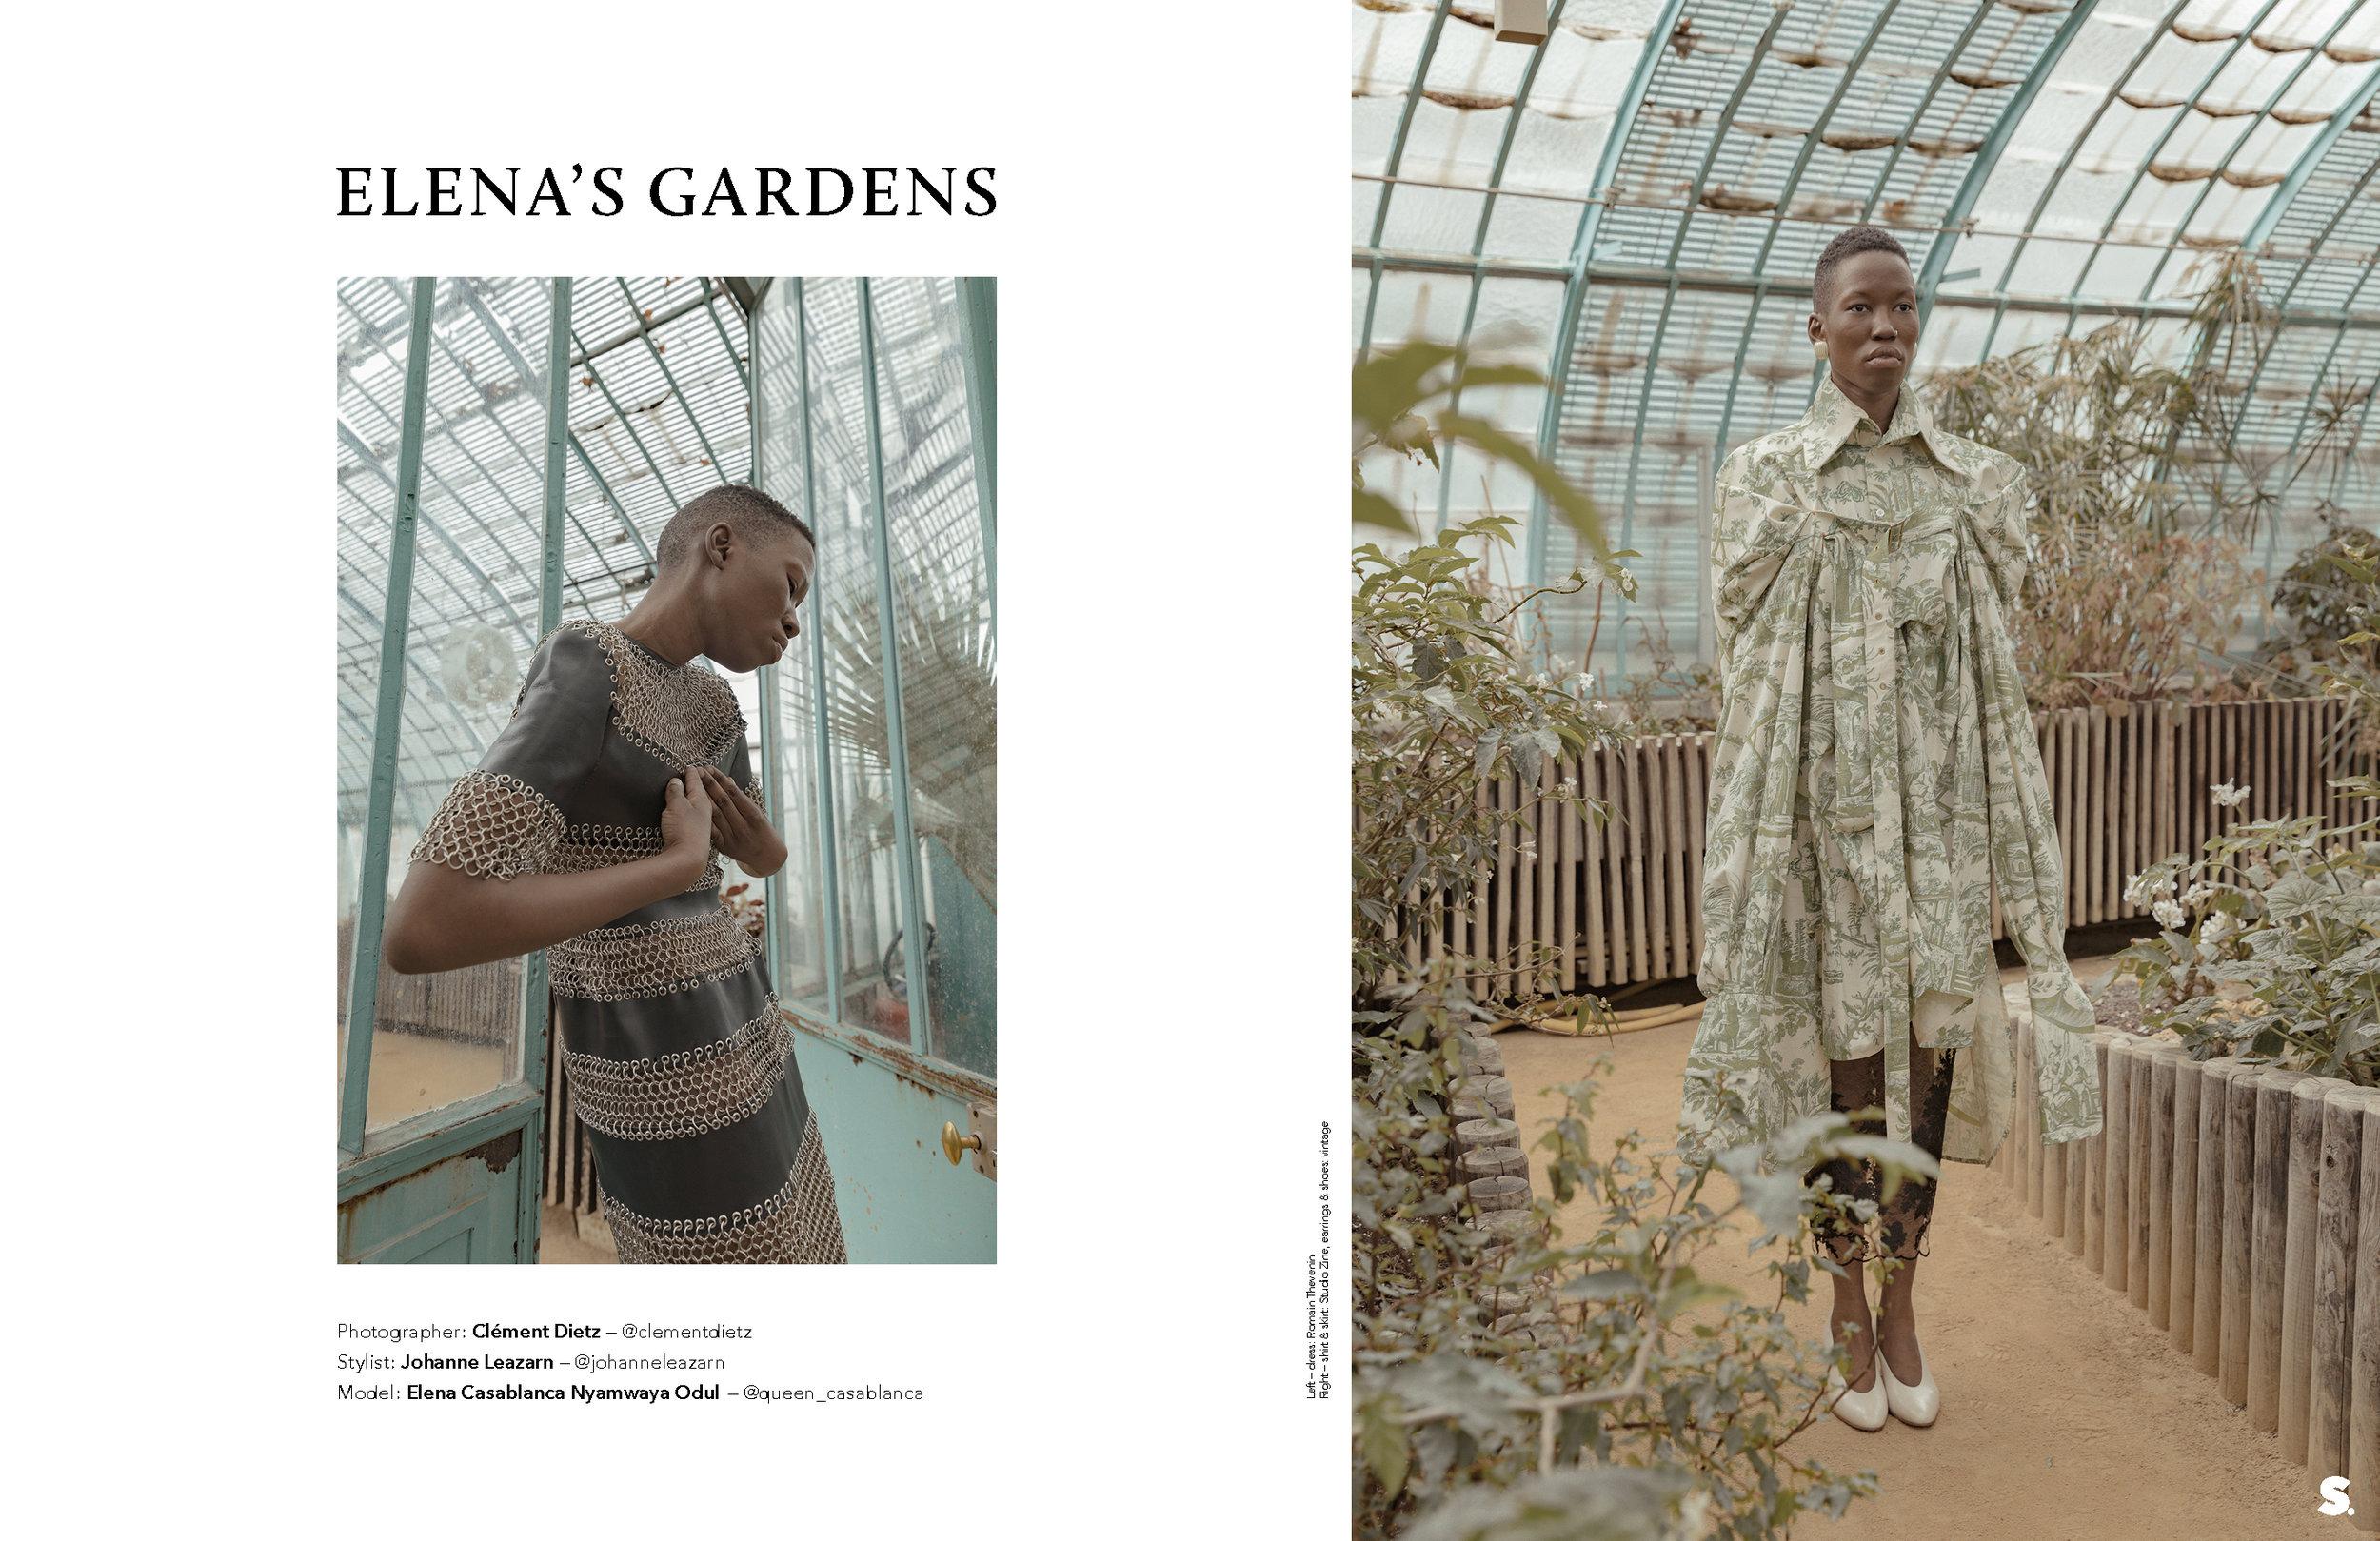 elena-gardens-editorial-sauvage-dietz